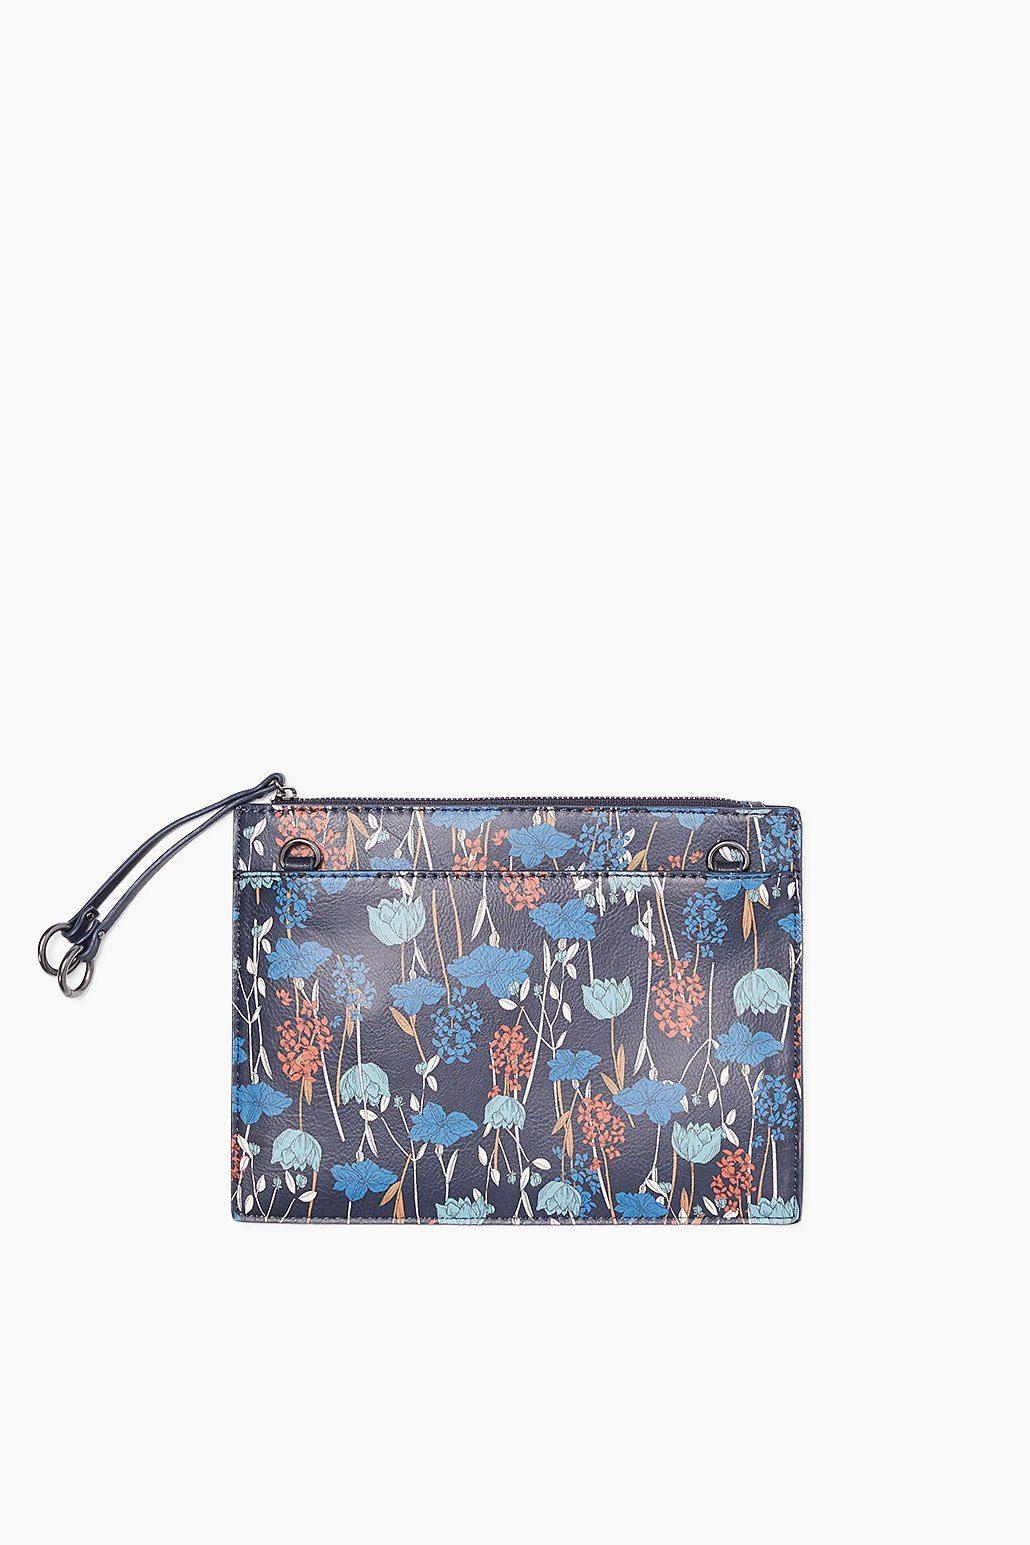 ESPRIT CASUAL Zip Clutch im Leder-Look mit Blüten-Print